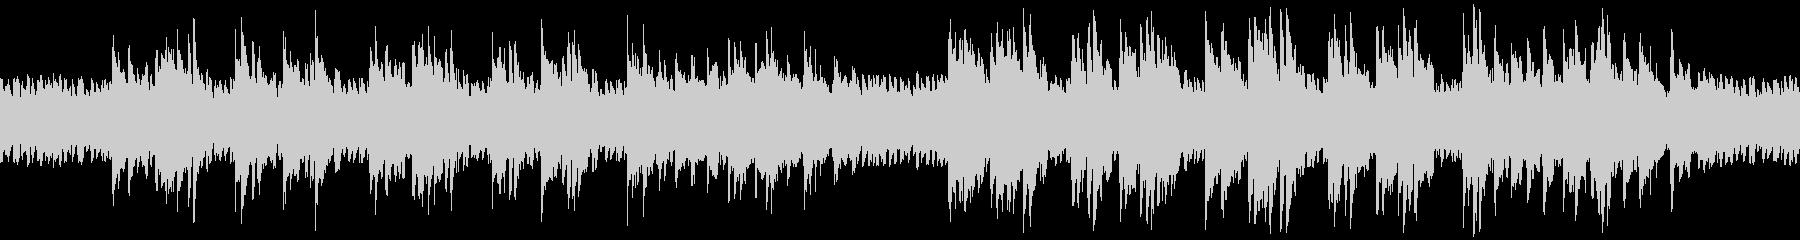 アコギ生演奏のみ アルペジオ優しい映像にの未再生の波形